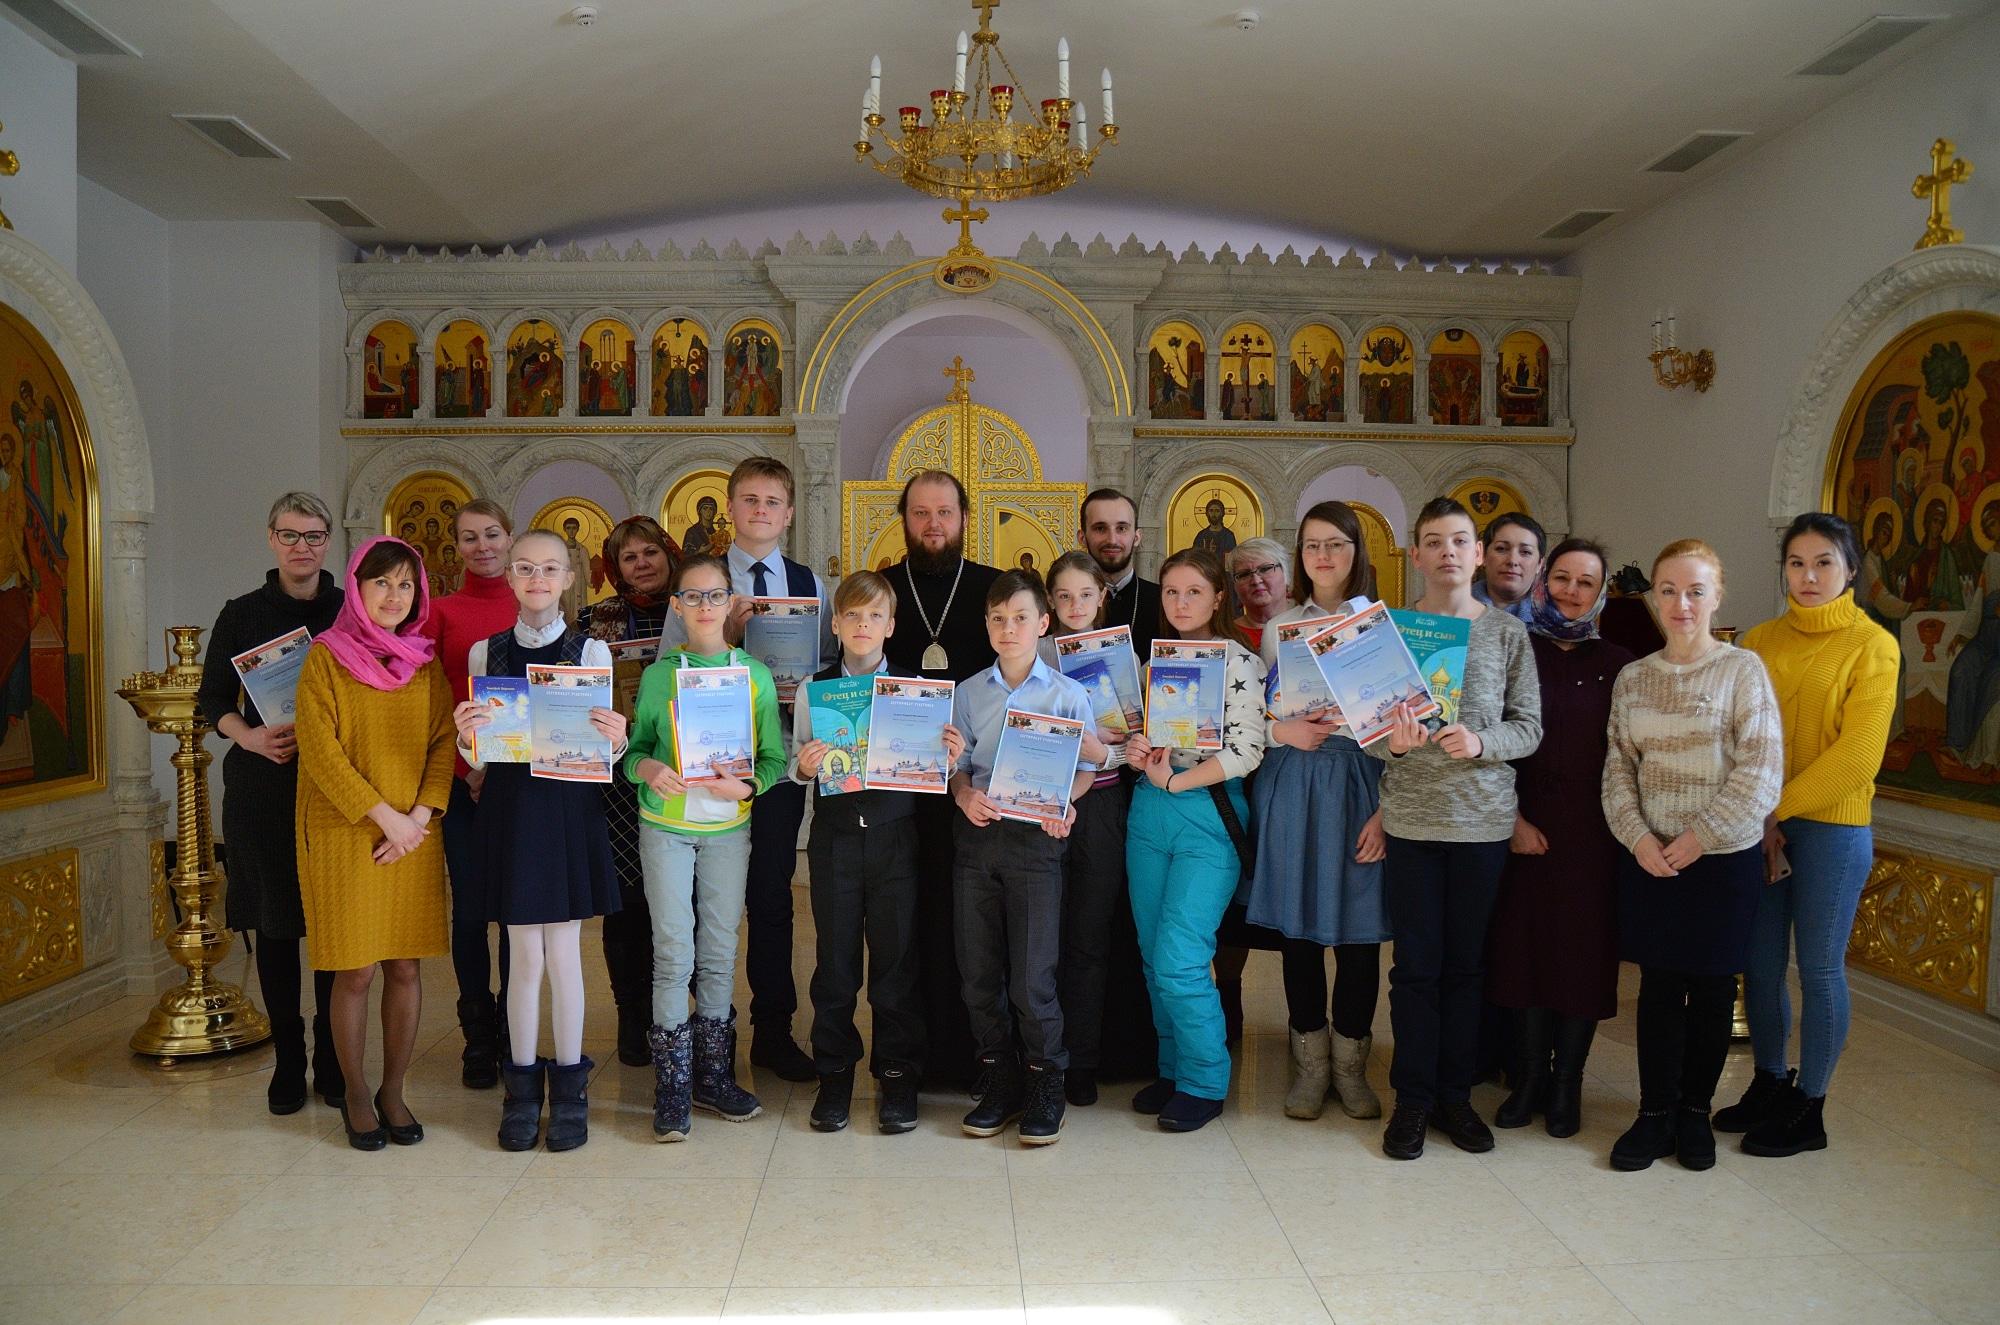 Региональный этап олимпиады по основам православной культуры прошёл в Южно-Сахалинске и Курильске